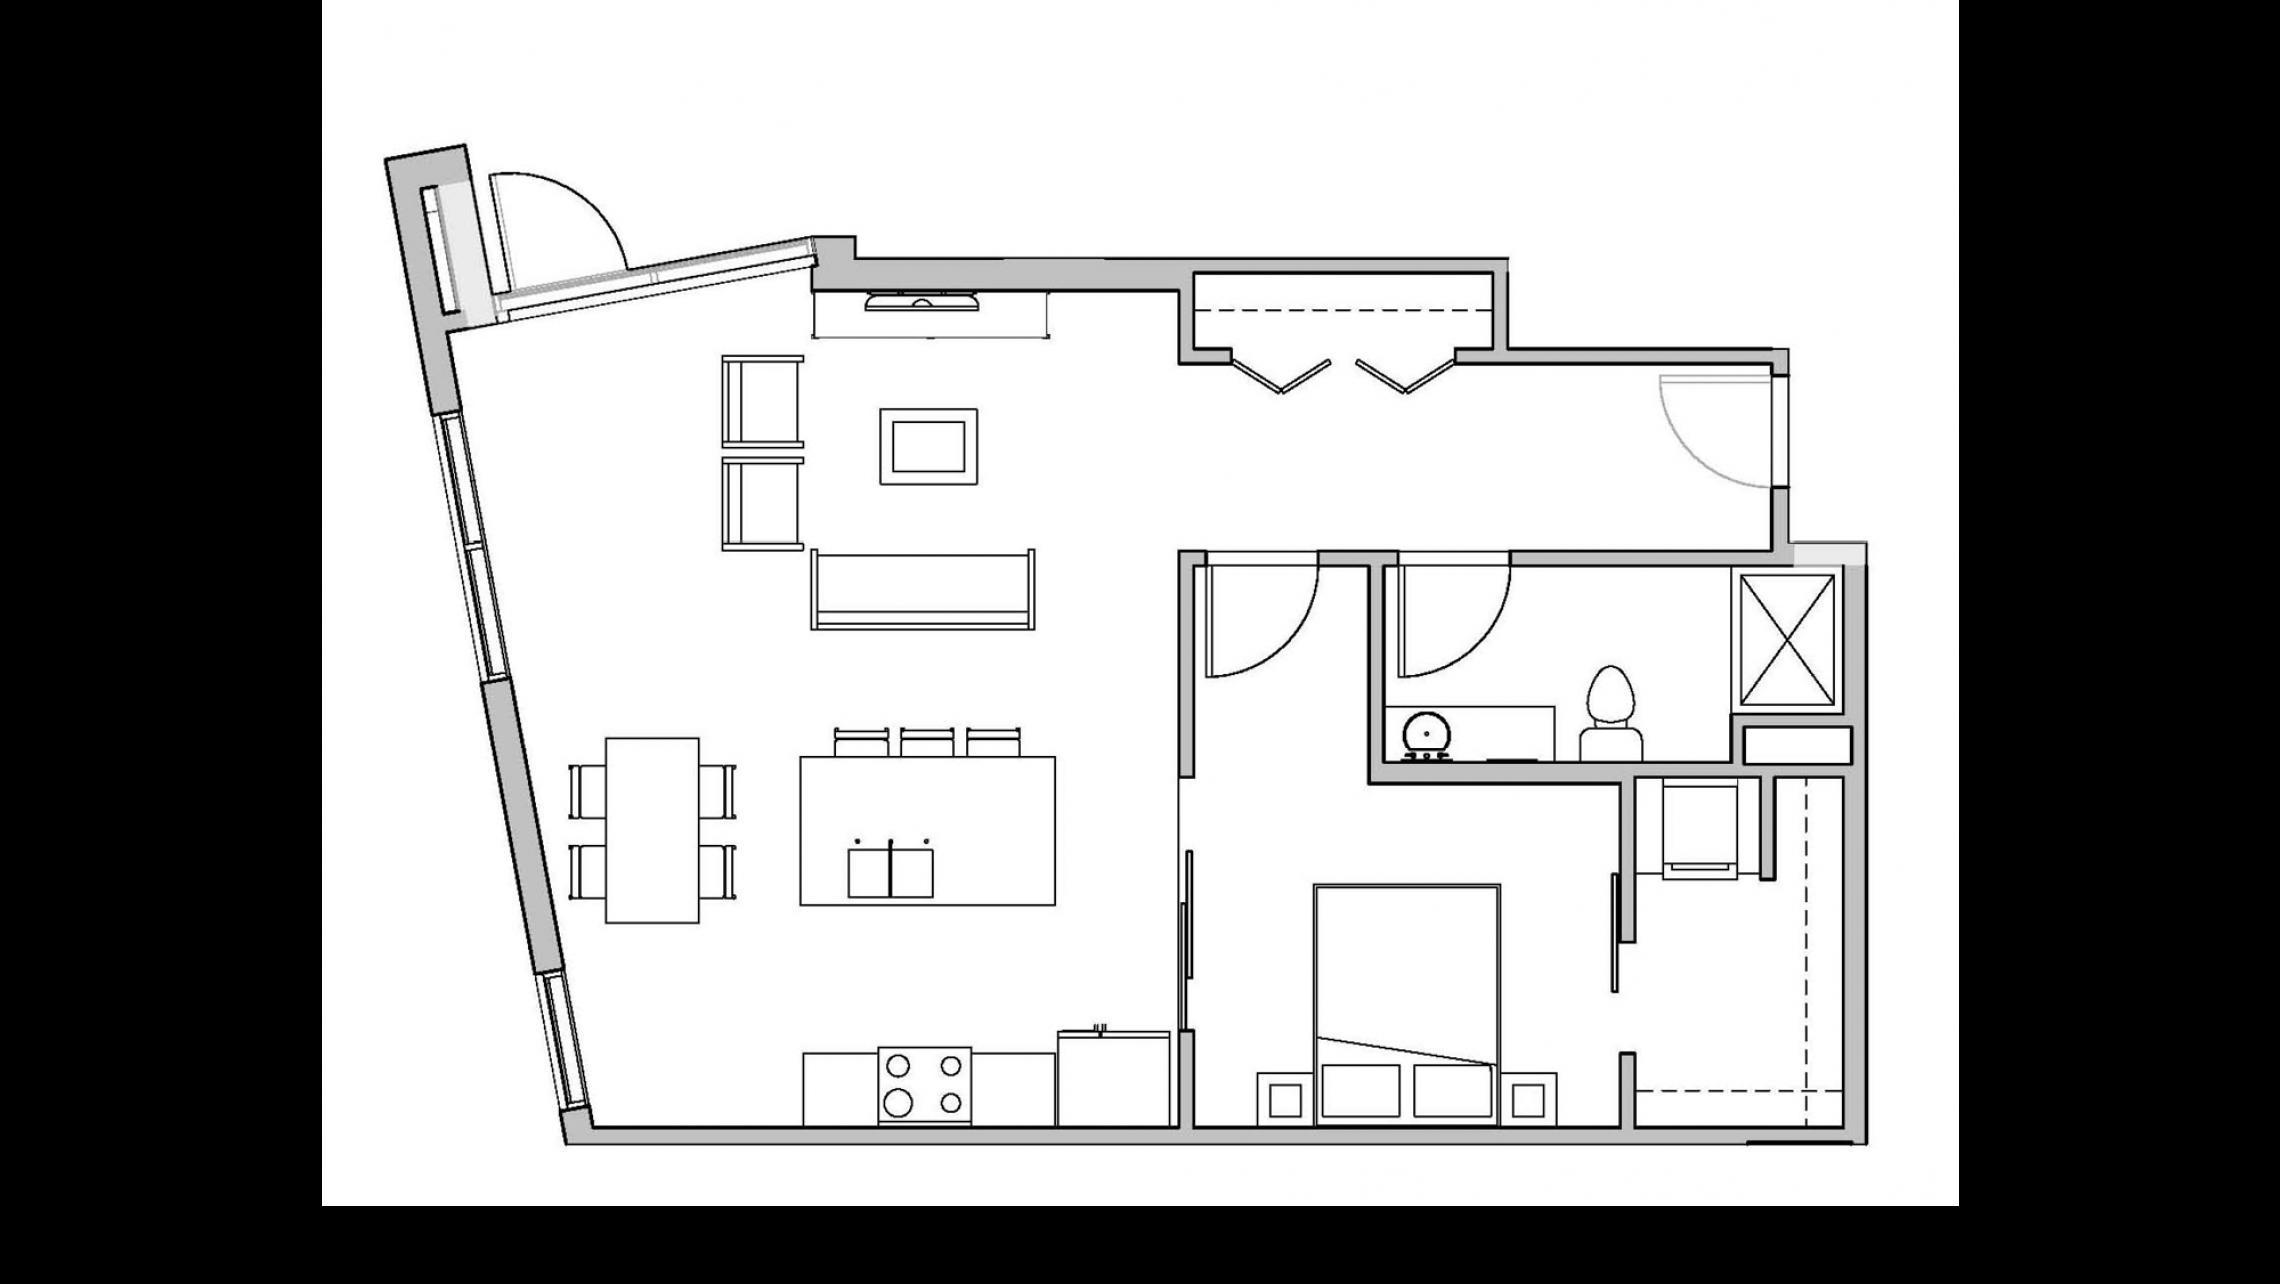 ULI Seven27 106 - One Bedroom, One Bathroom